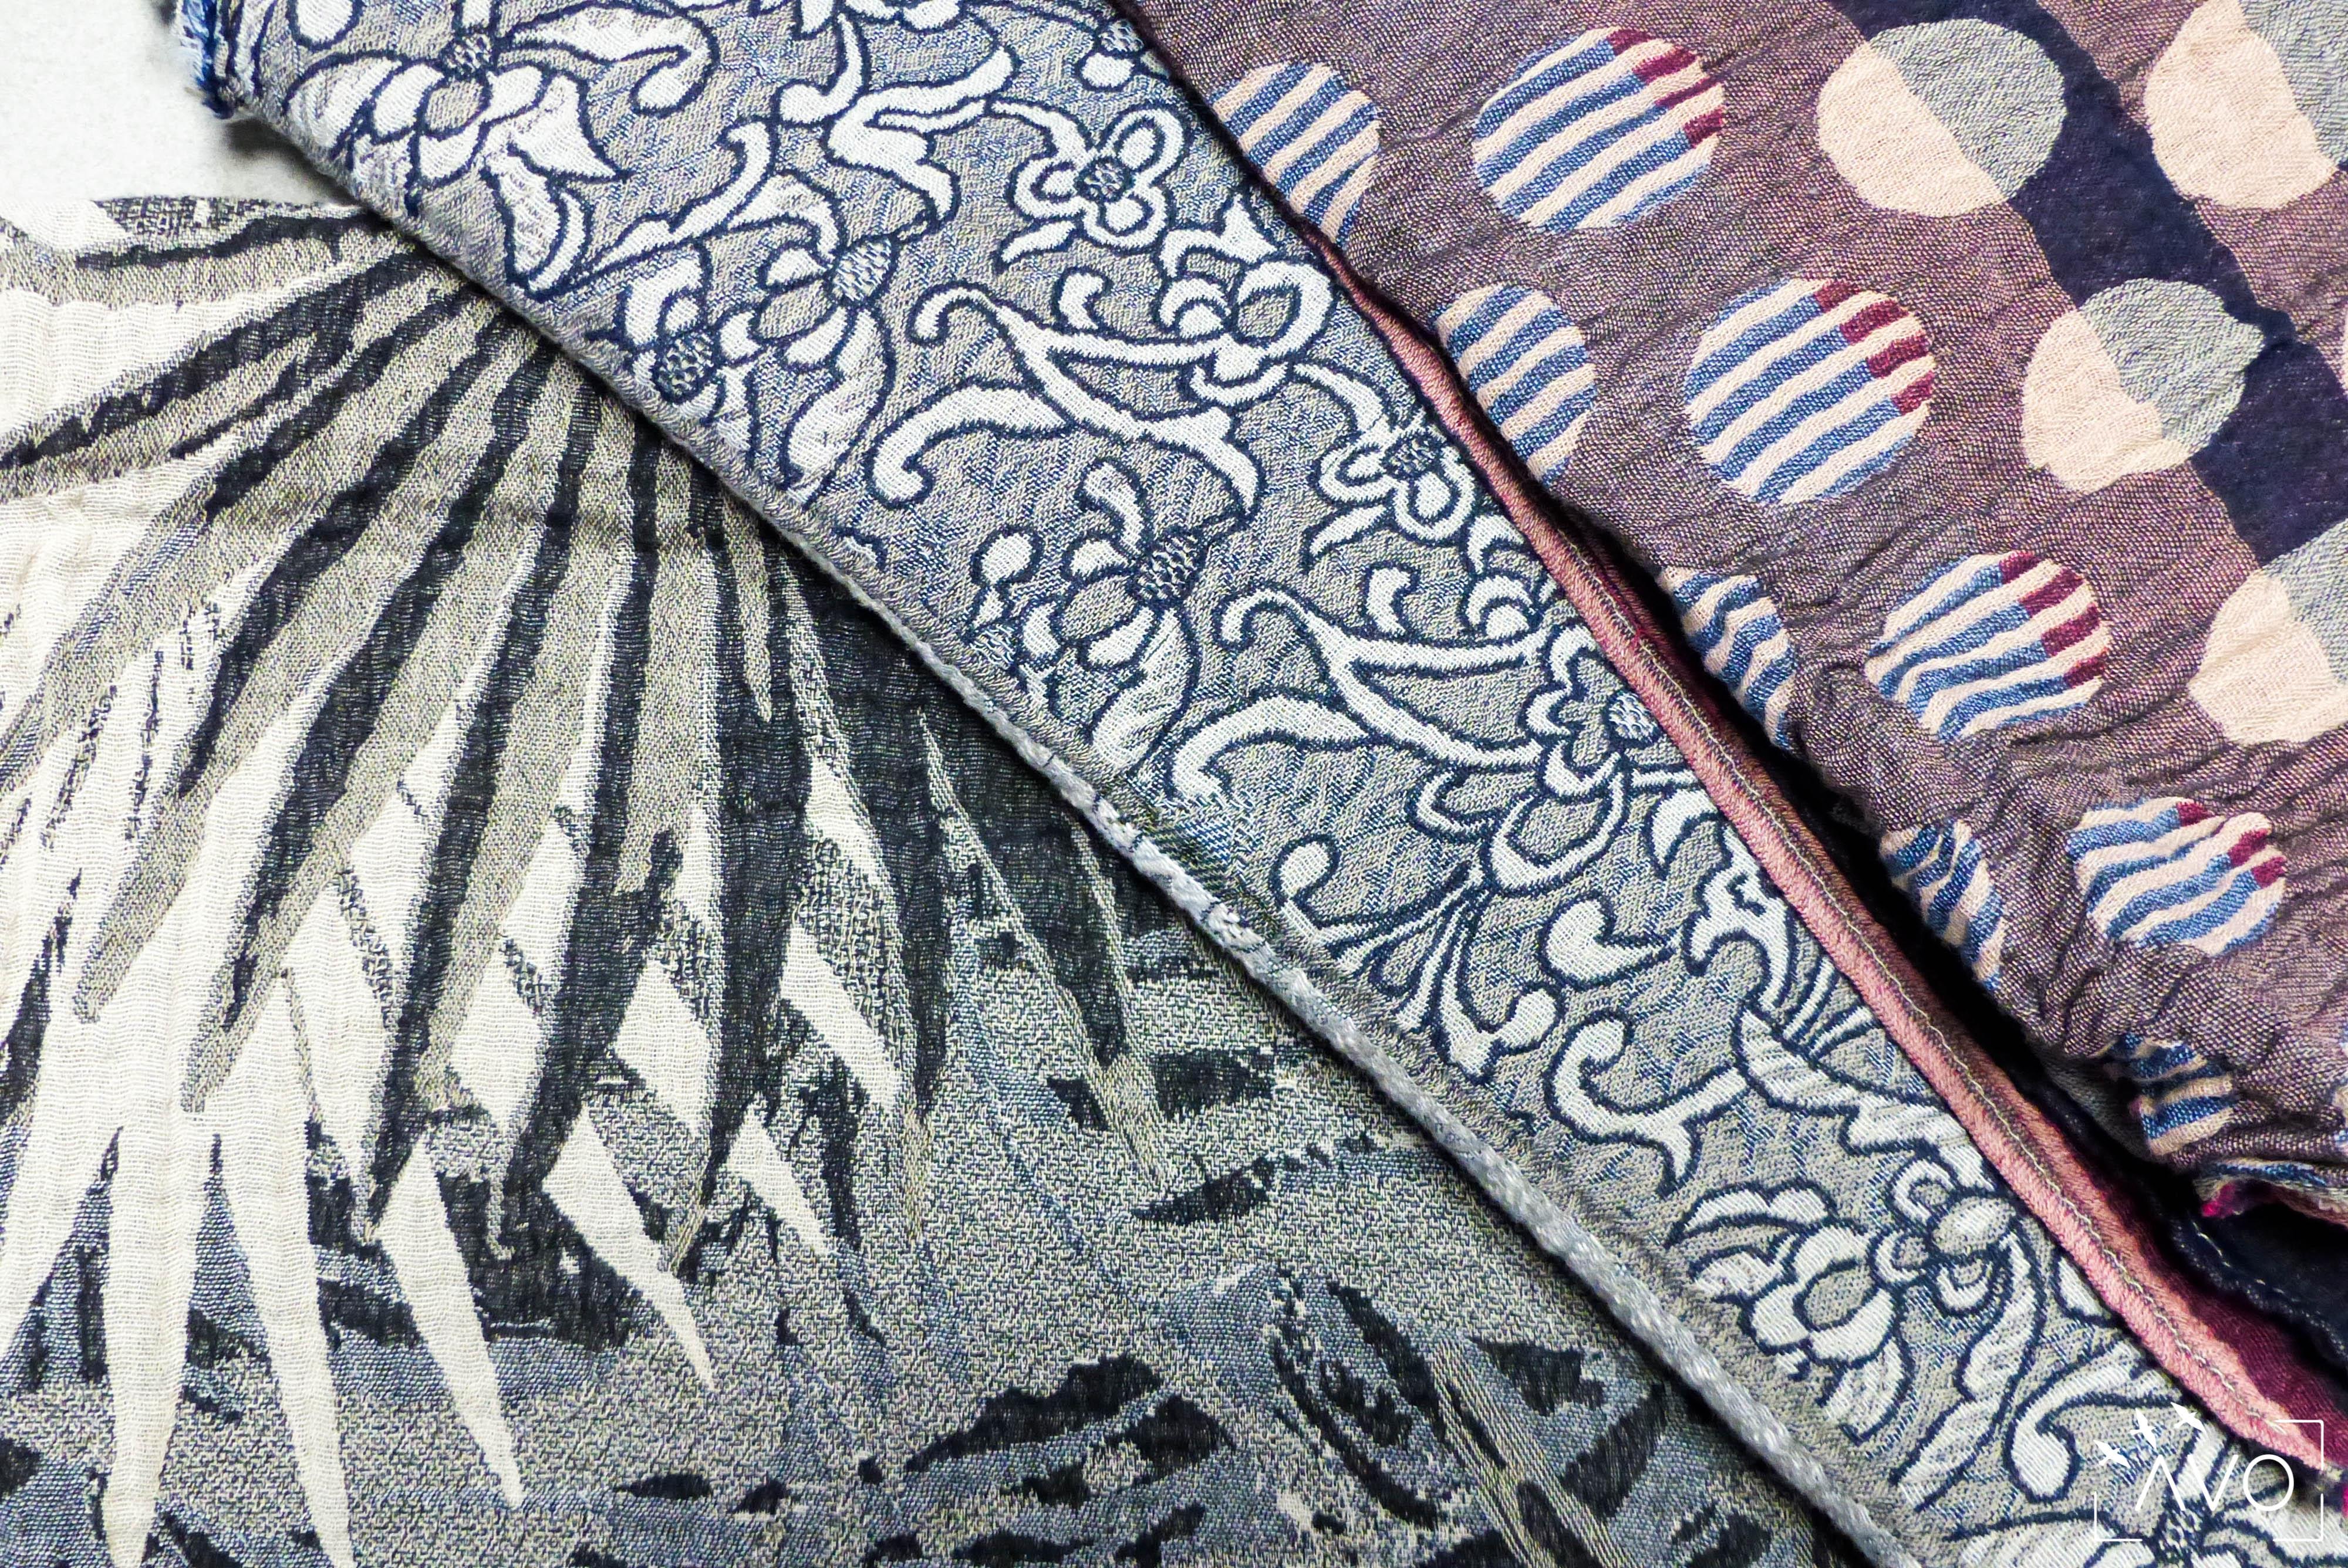 étole Létol foulard madeinfrance charlieu loire motif fleur géométrique beau dessin détail zoom motif